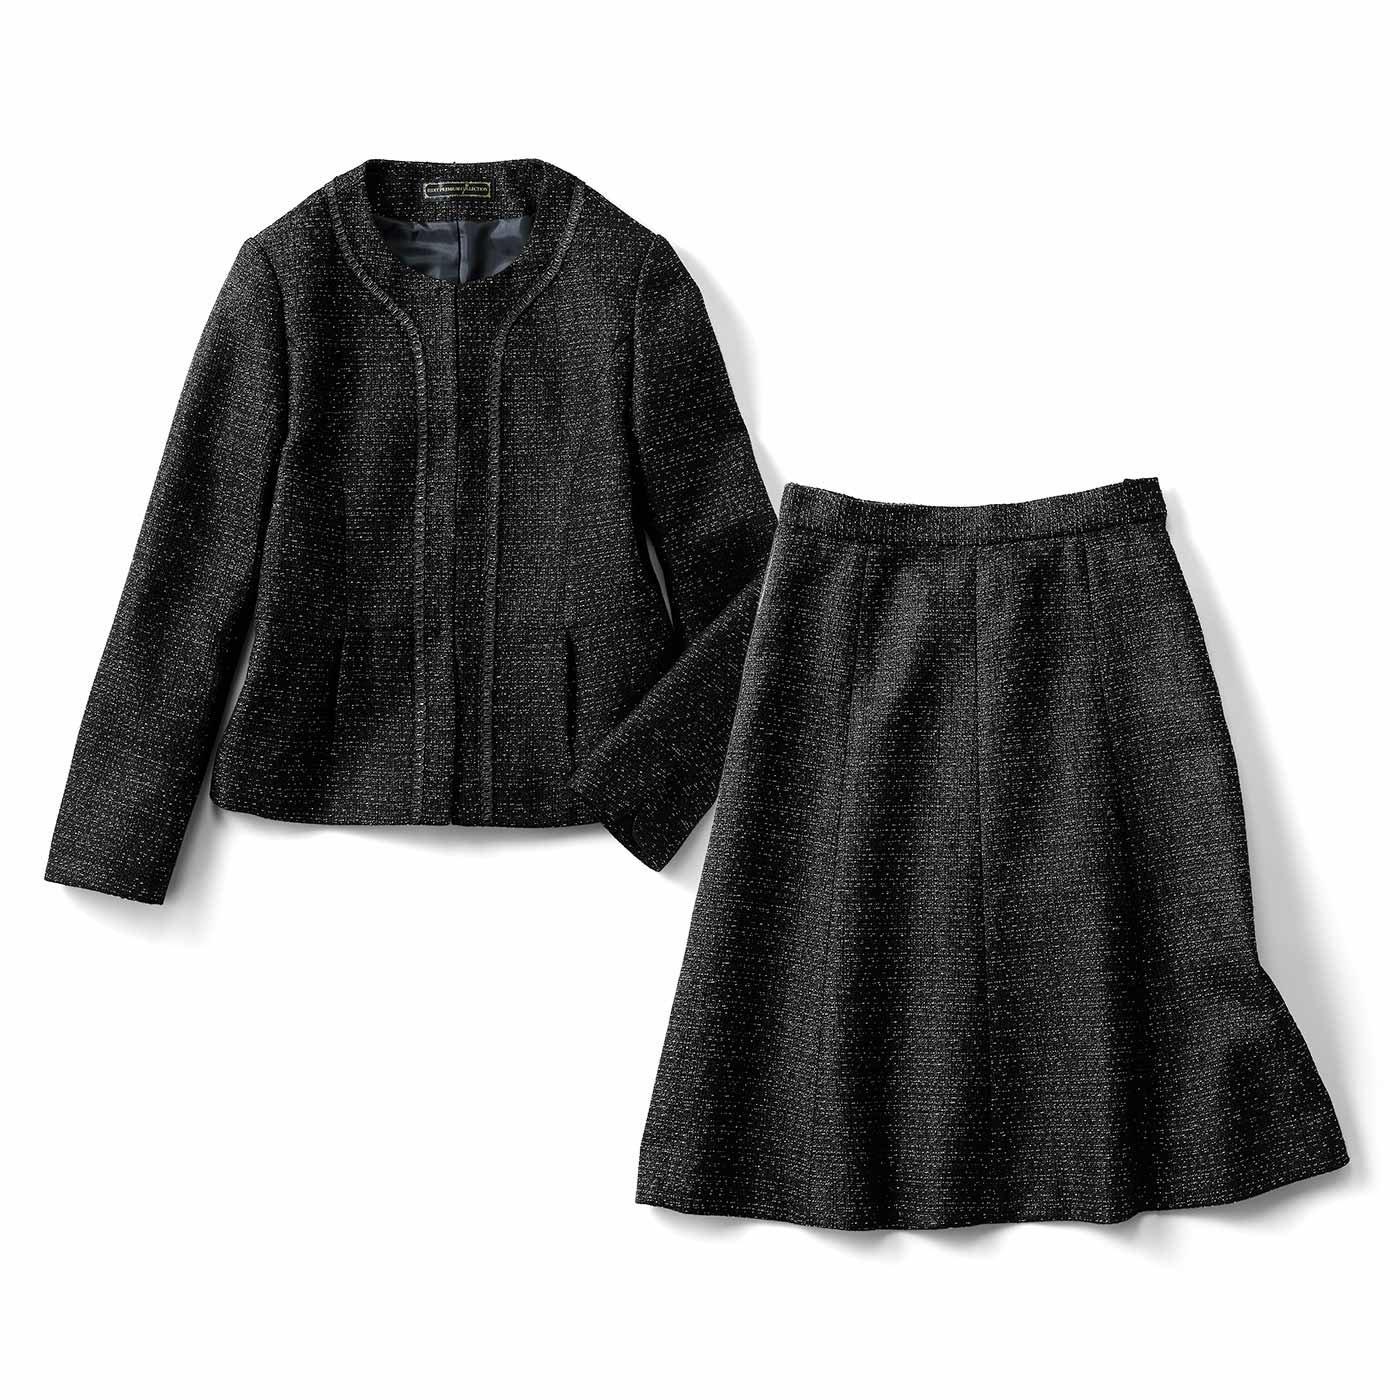 IEDIT つやめき素材で可憐に華やぐ 着まわしブラックセットアップスーツ